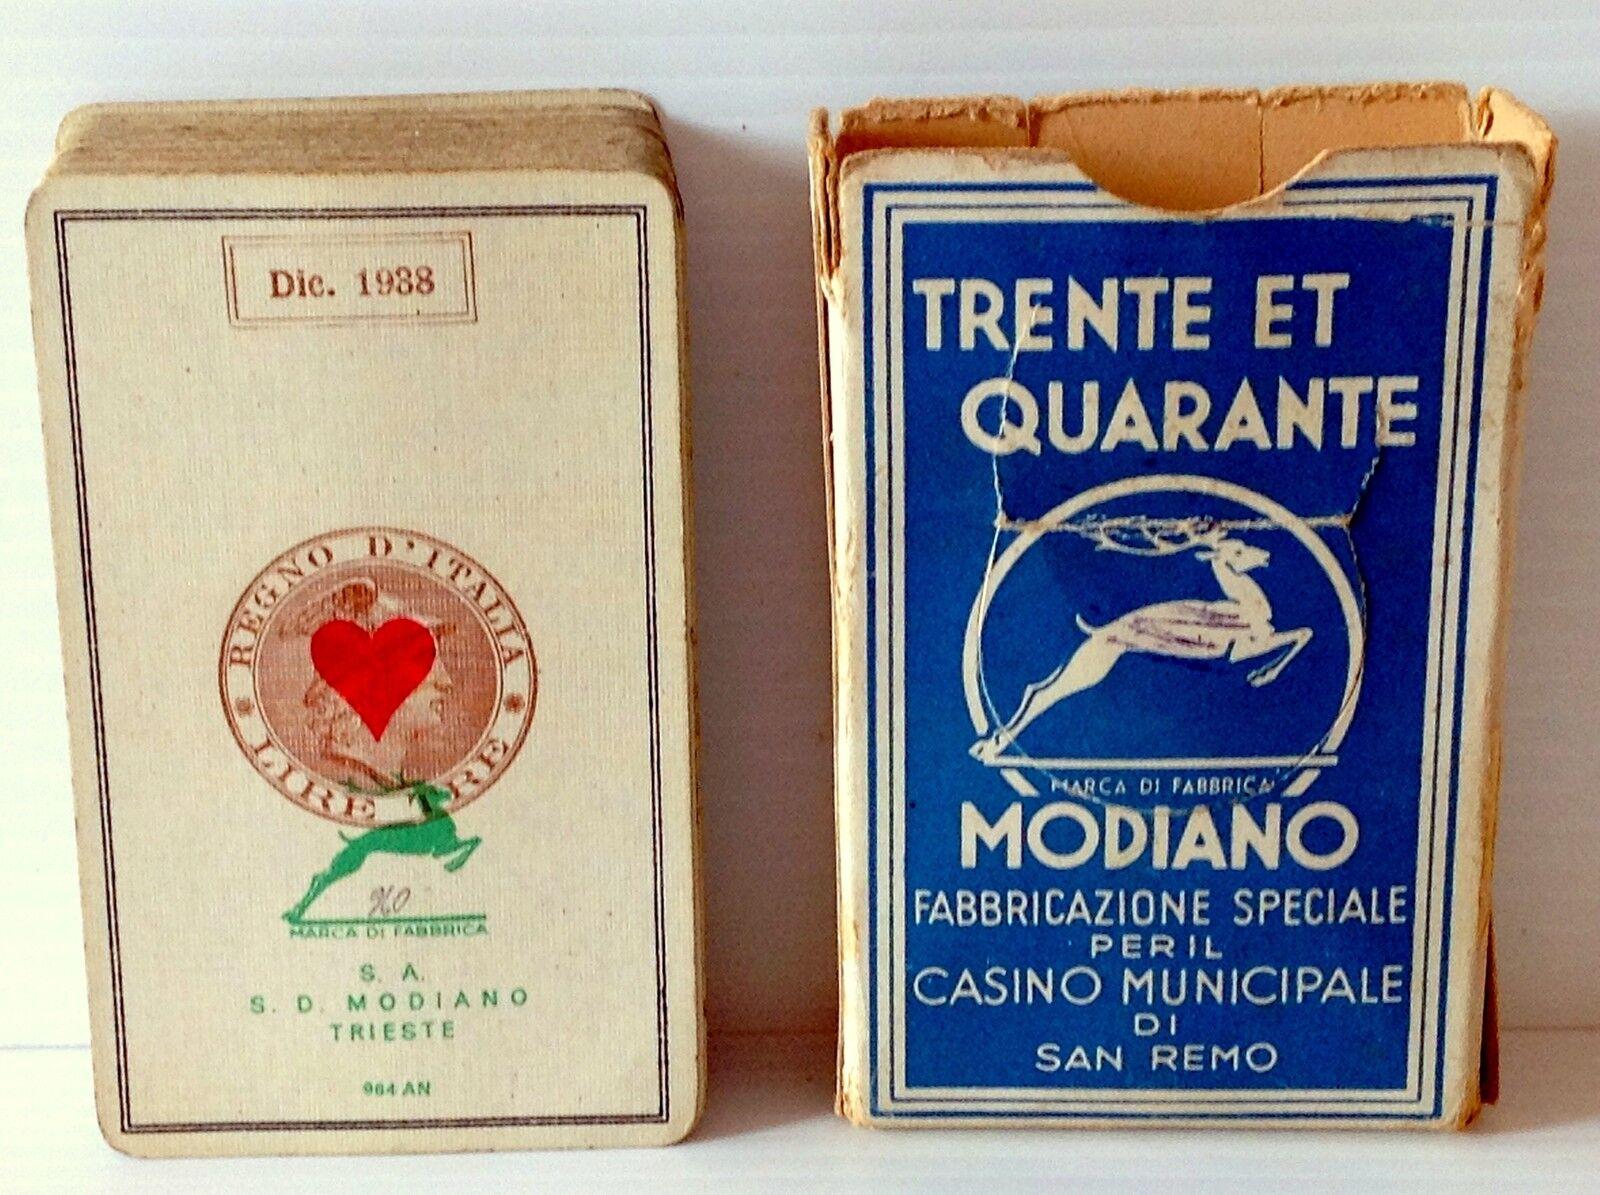 MAZZO DI CARTE- S.D.MODIANO TRIESTE 1938-CON ASTUCCIO- SPECIALE CASINO SAN REMO